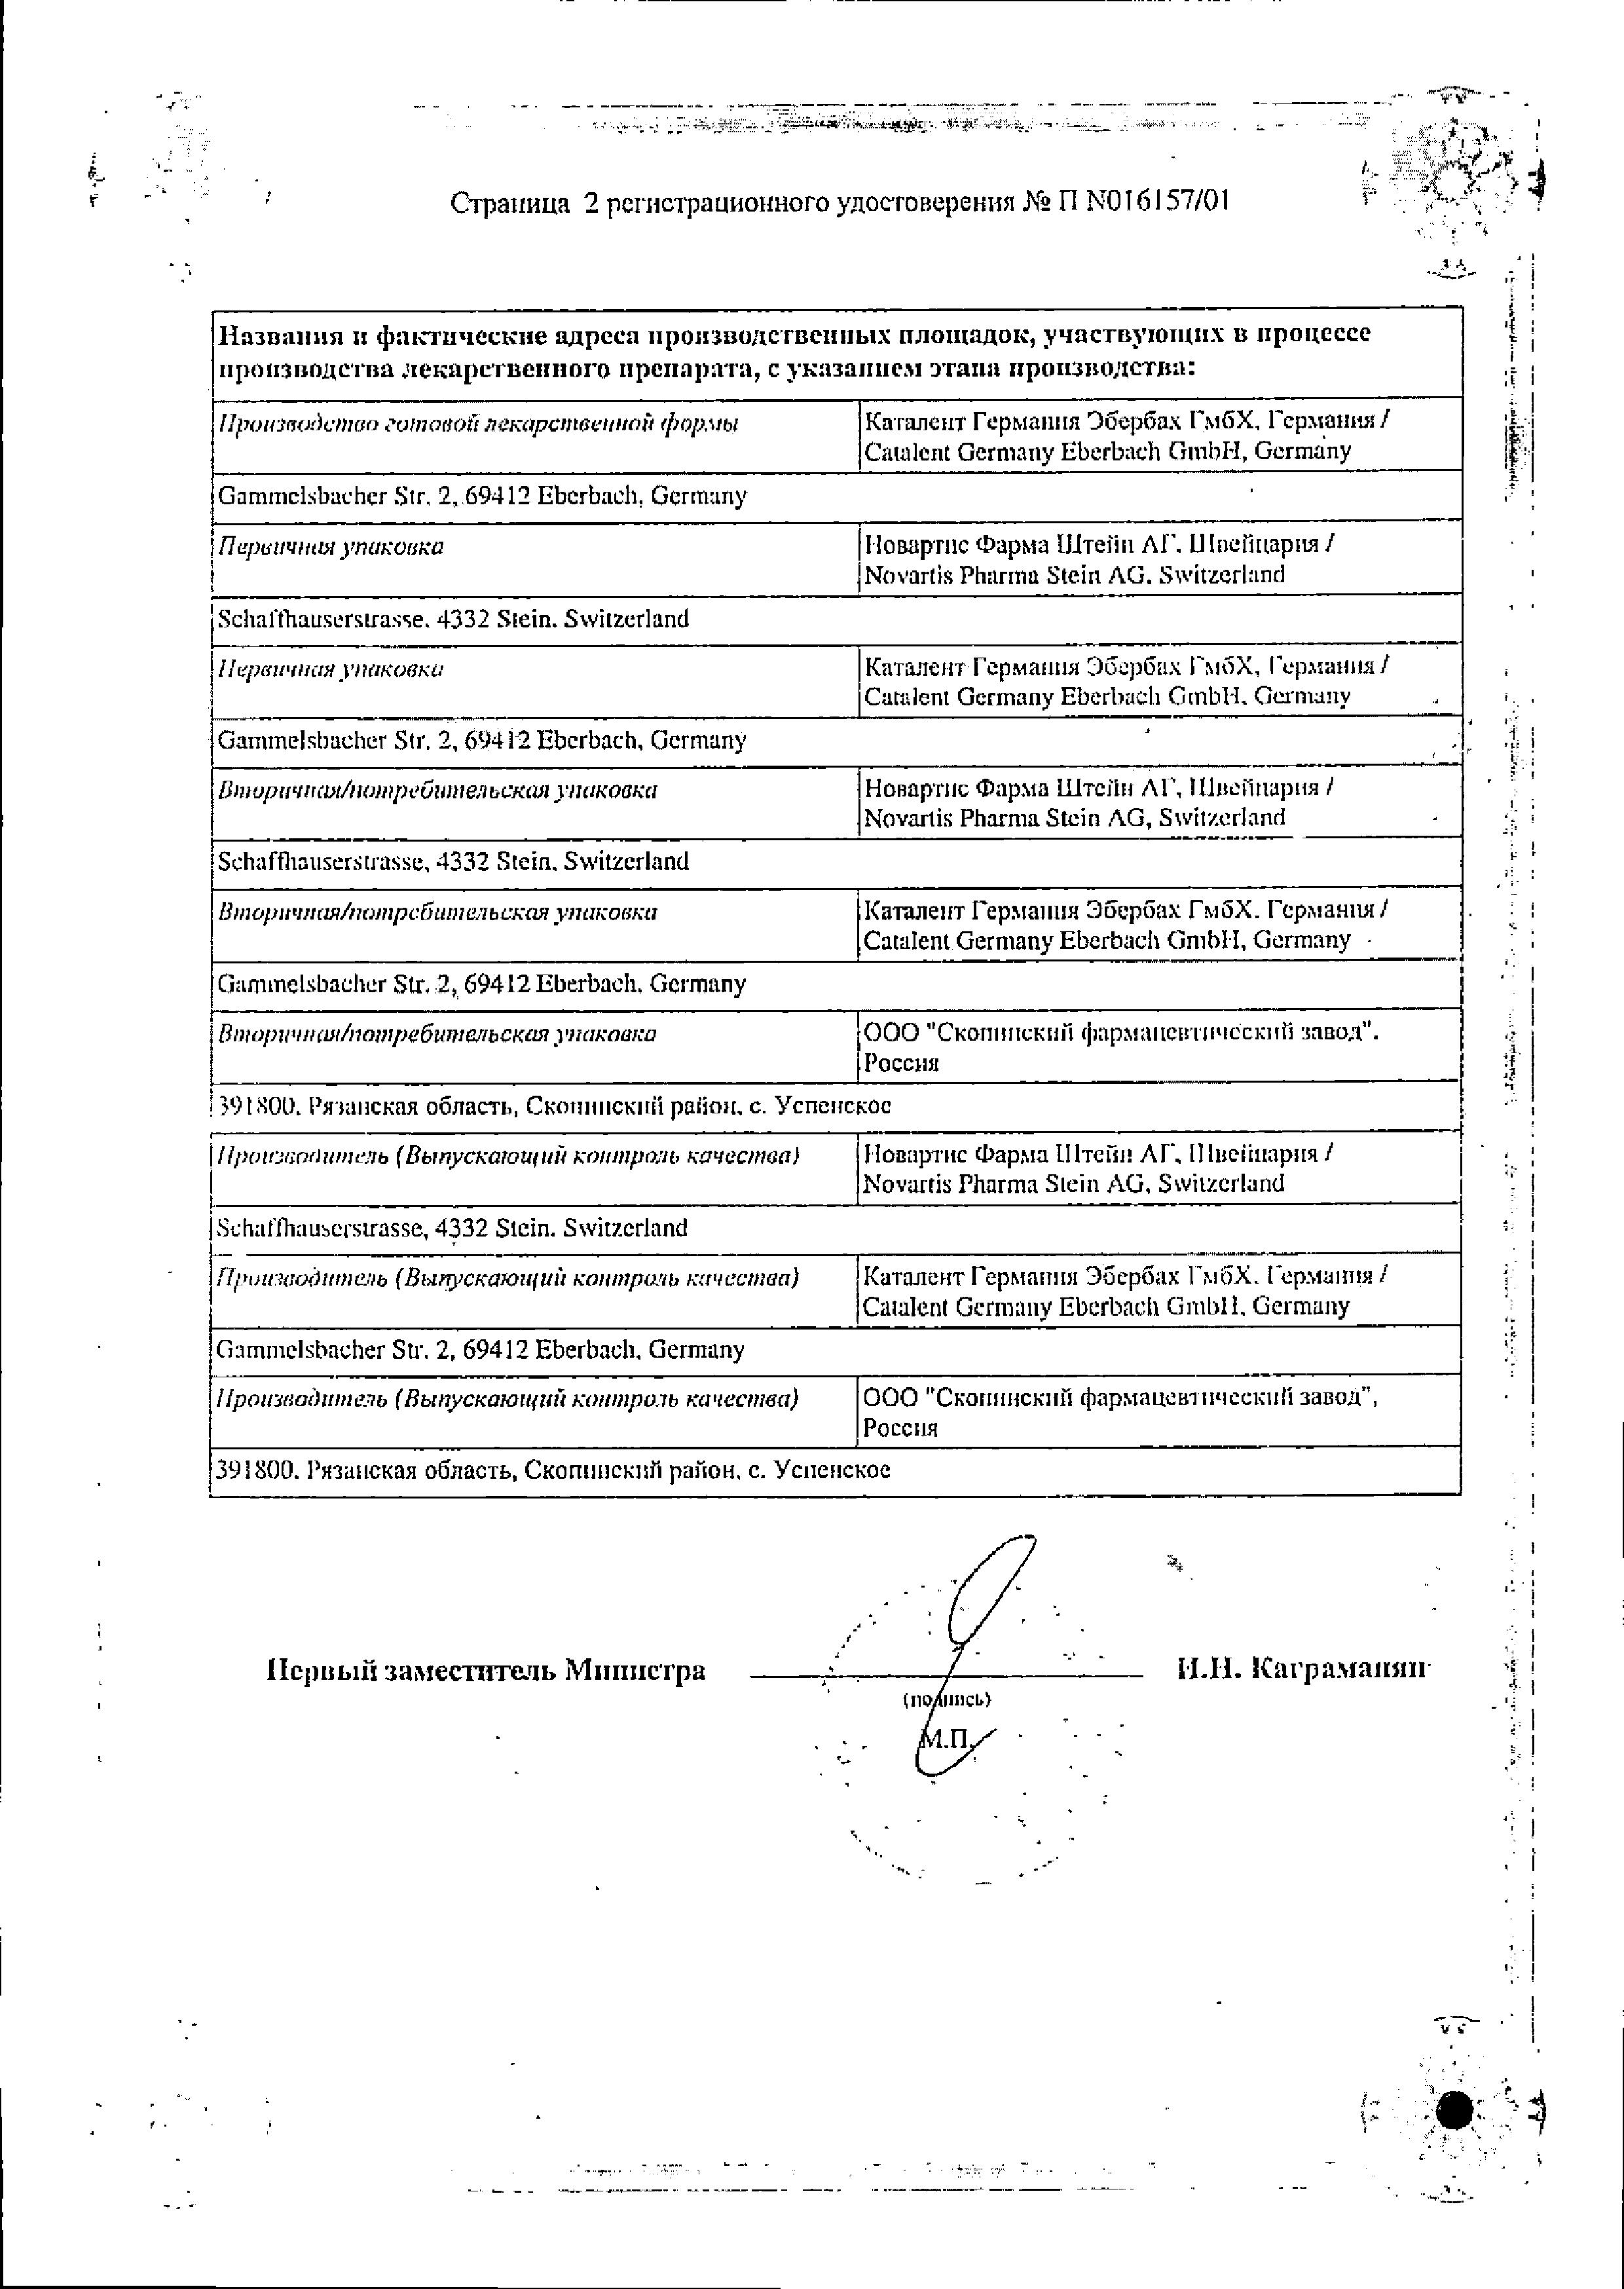 Сандиммун Неорал сертификат